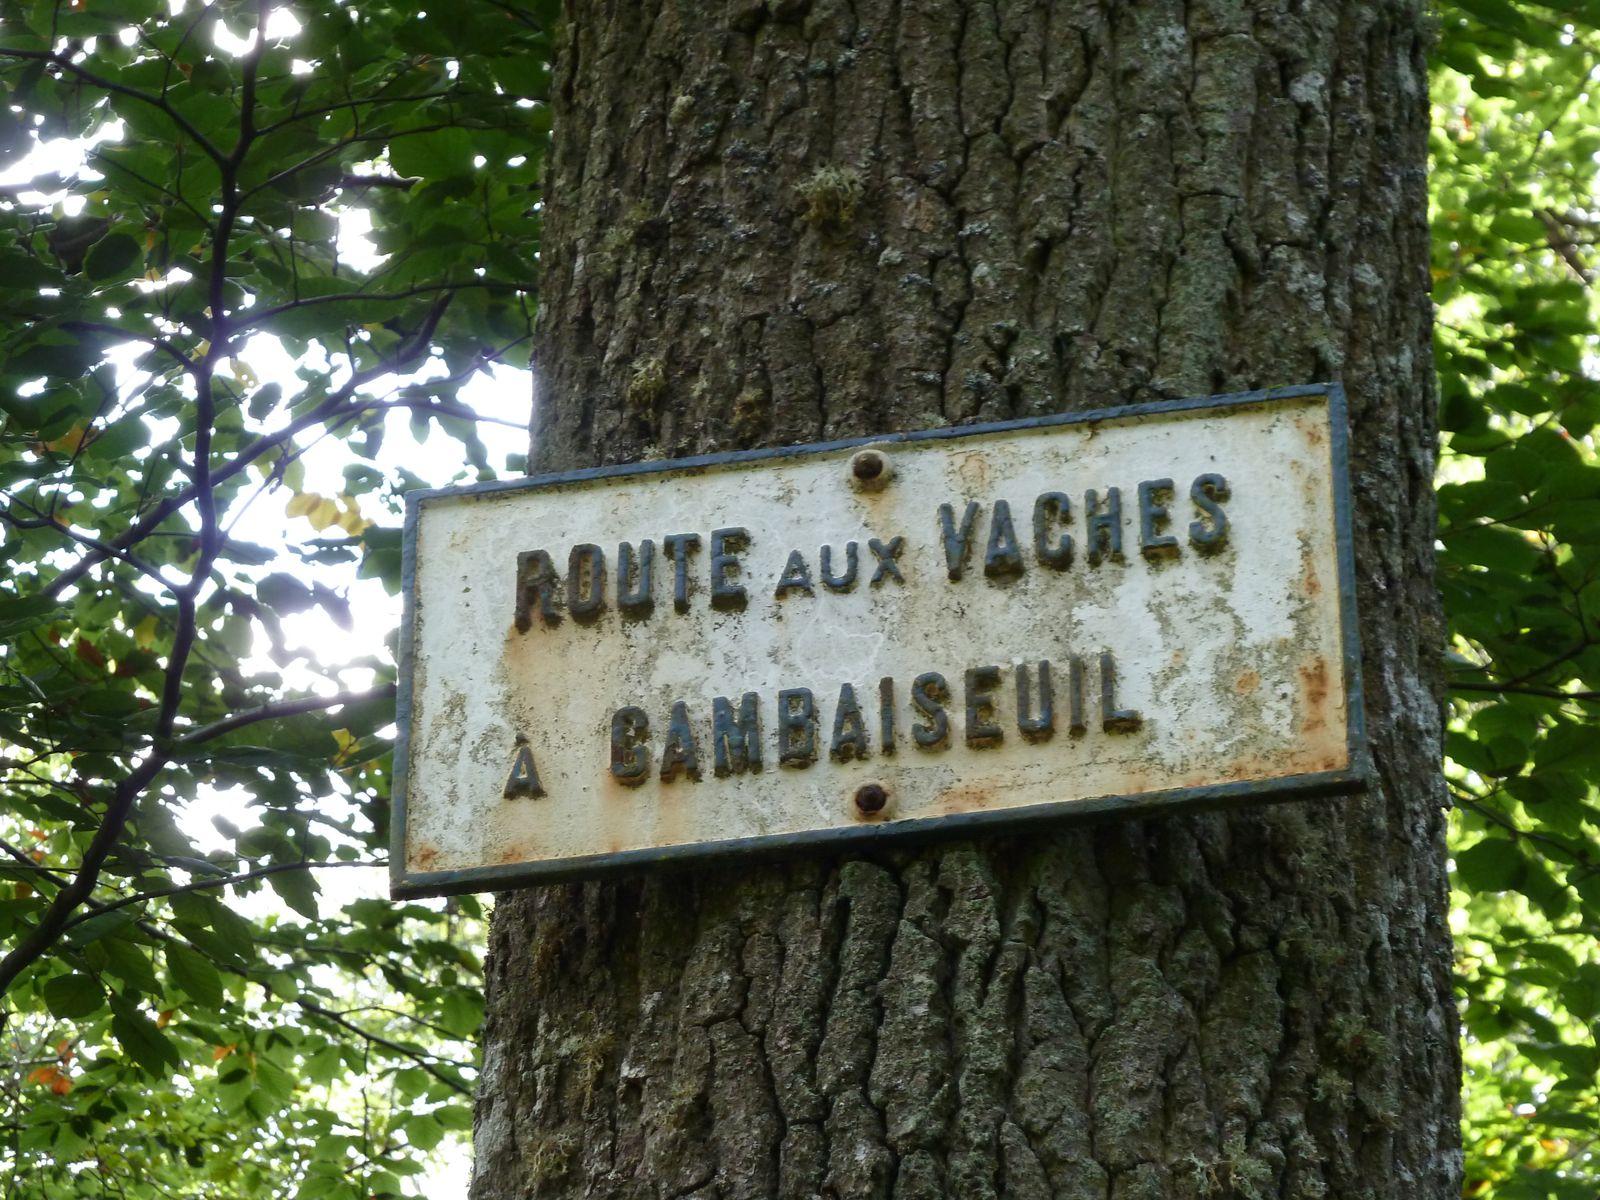 La Route aux Vaches à Gambaiseuil... Un joli champignon Amanite tue-mouches, beau mais pas bon..